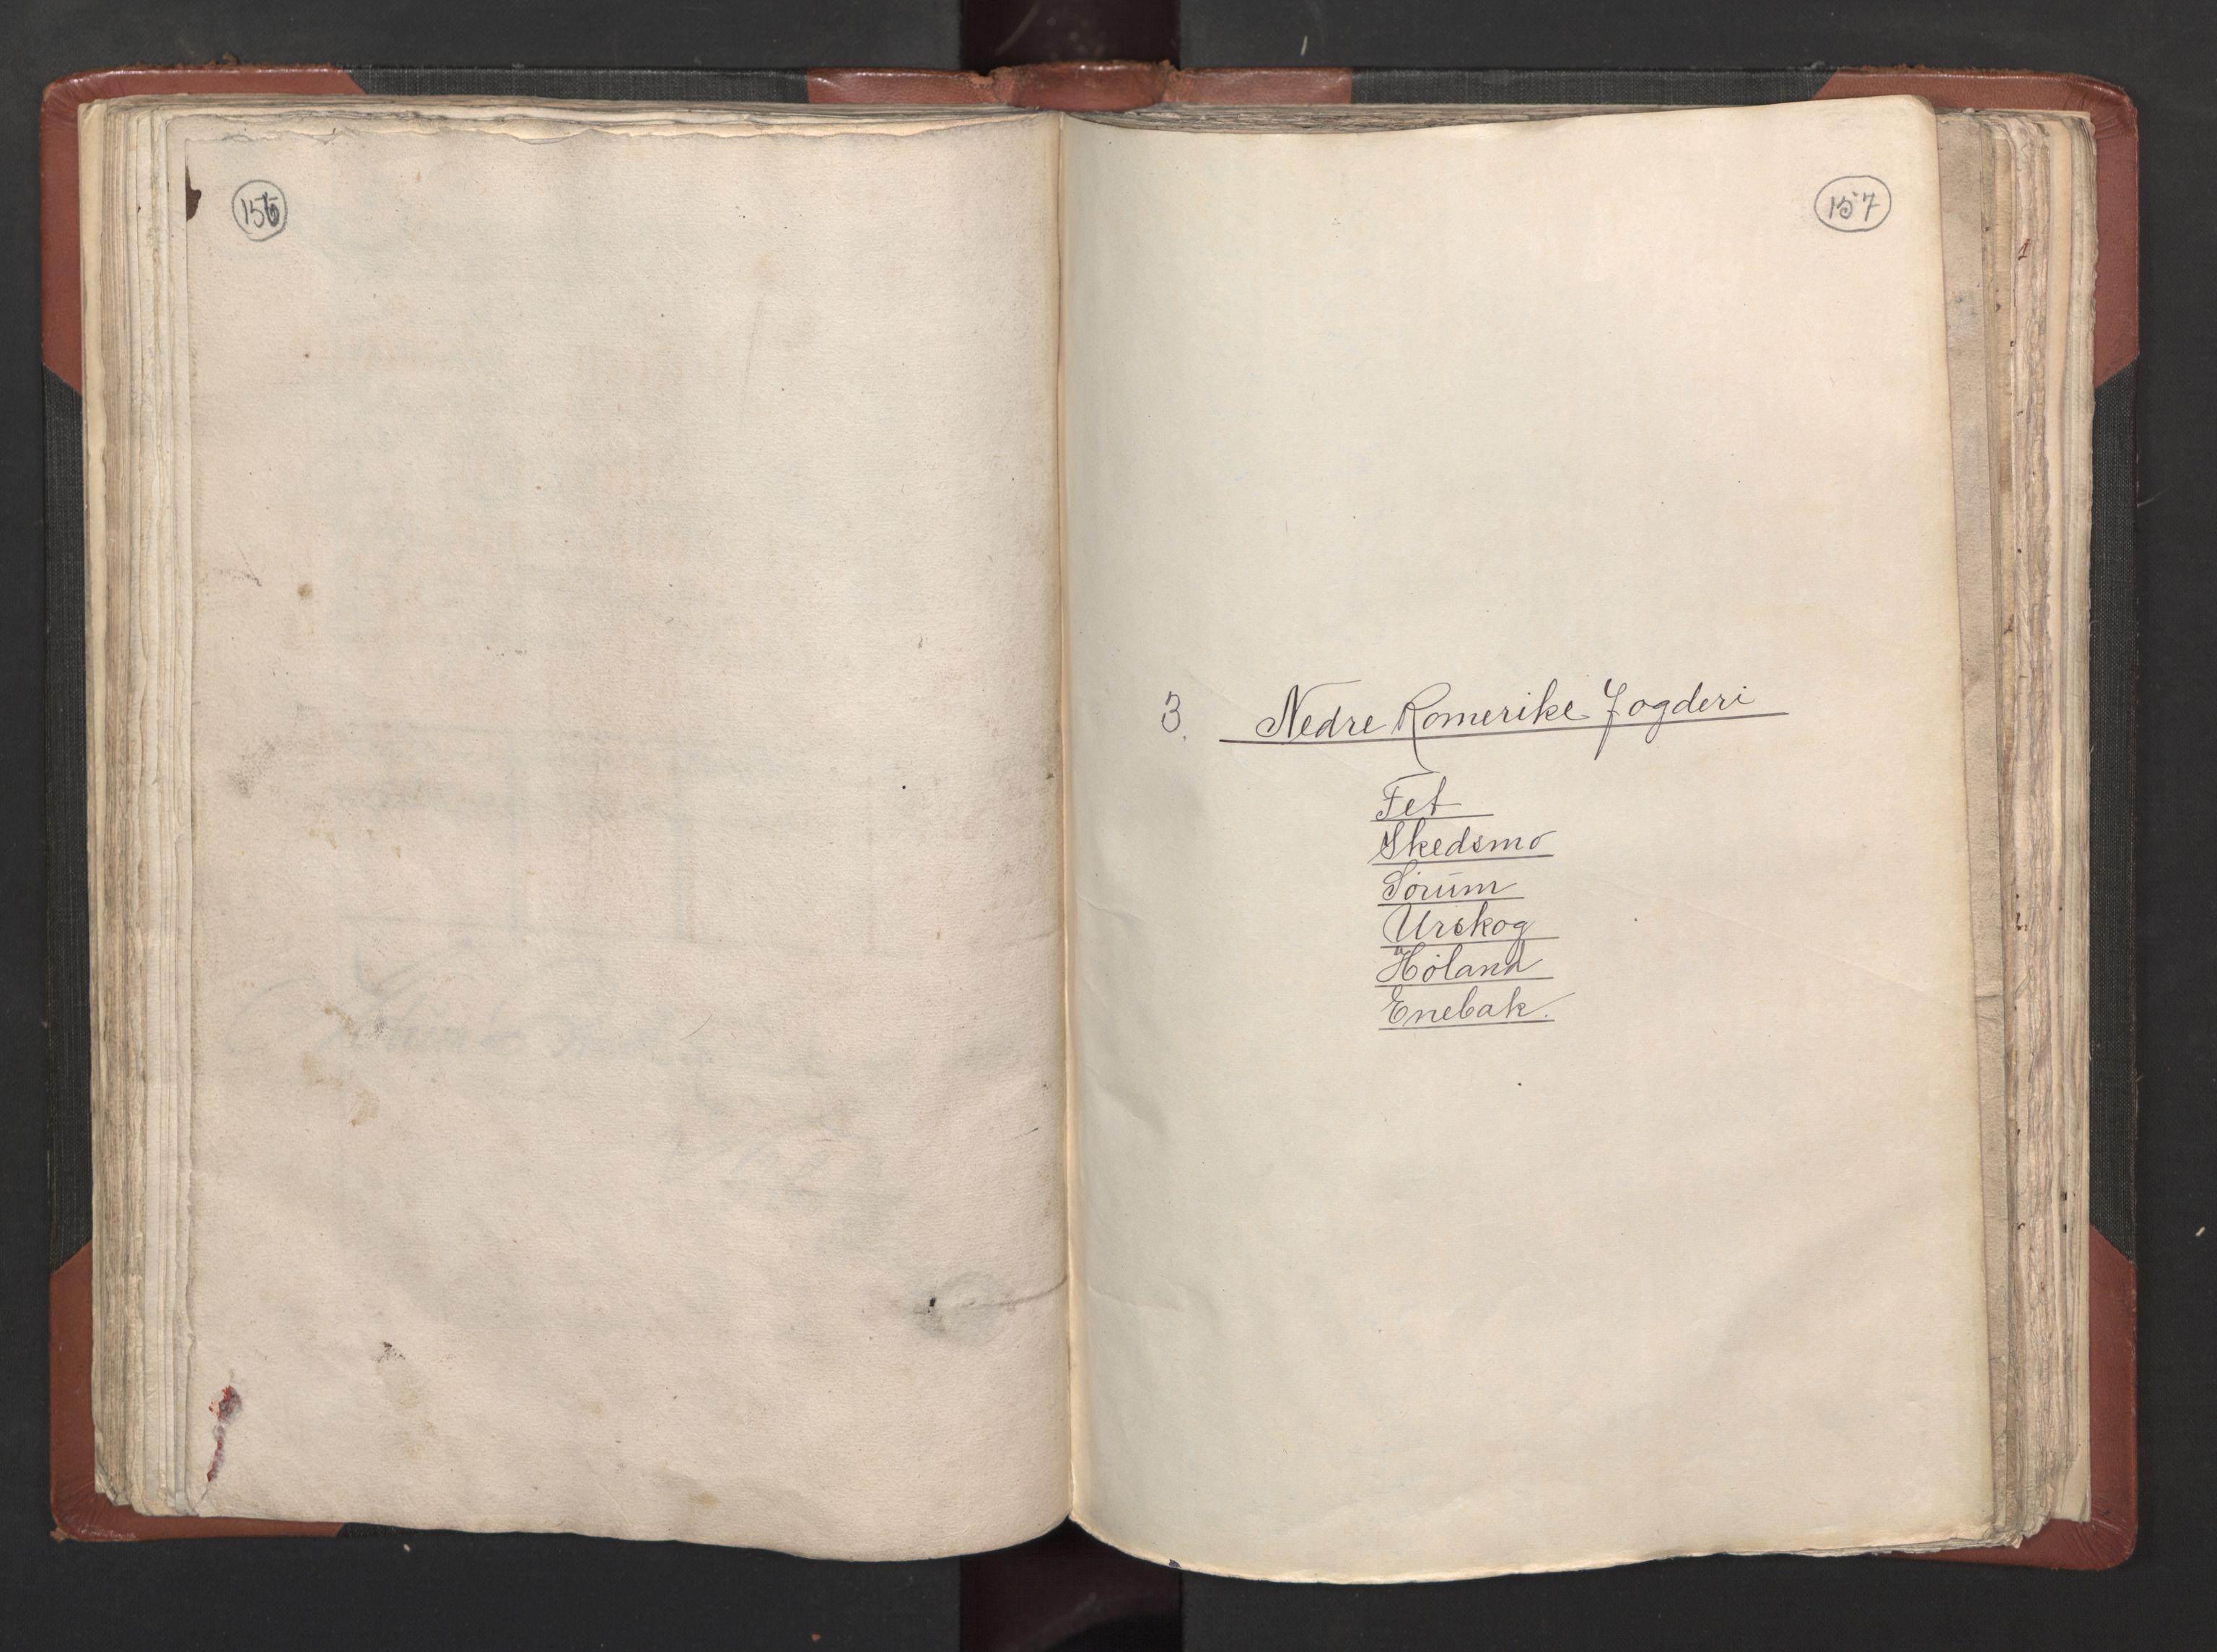 RA, Fogdenes og sorenskrivernes manntall 1664-1666, nr. 2: Aker fogderi, Follo fogderi, Nedre Romerike fogderi og Øvre Romerike fogderi, 1664, s. 156-157